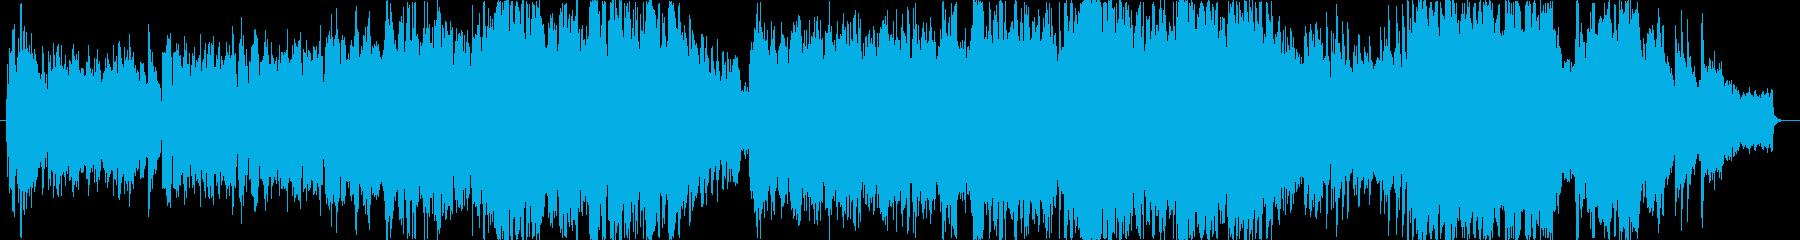 バイオリンによる感動的なバラードの再生済みの波形